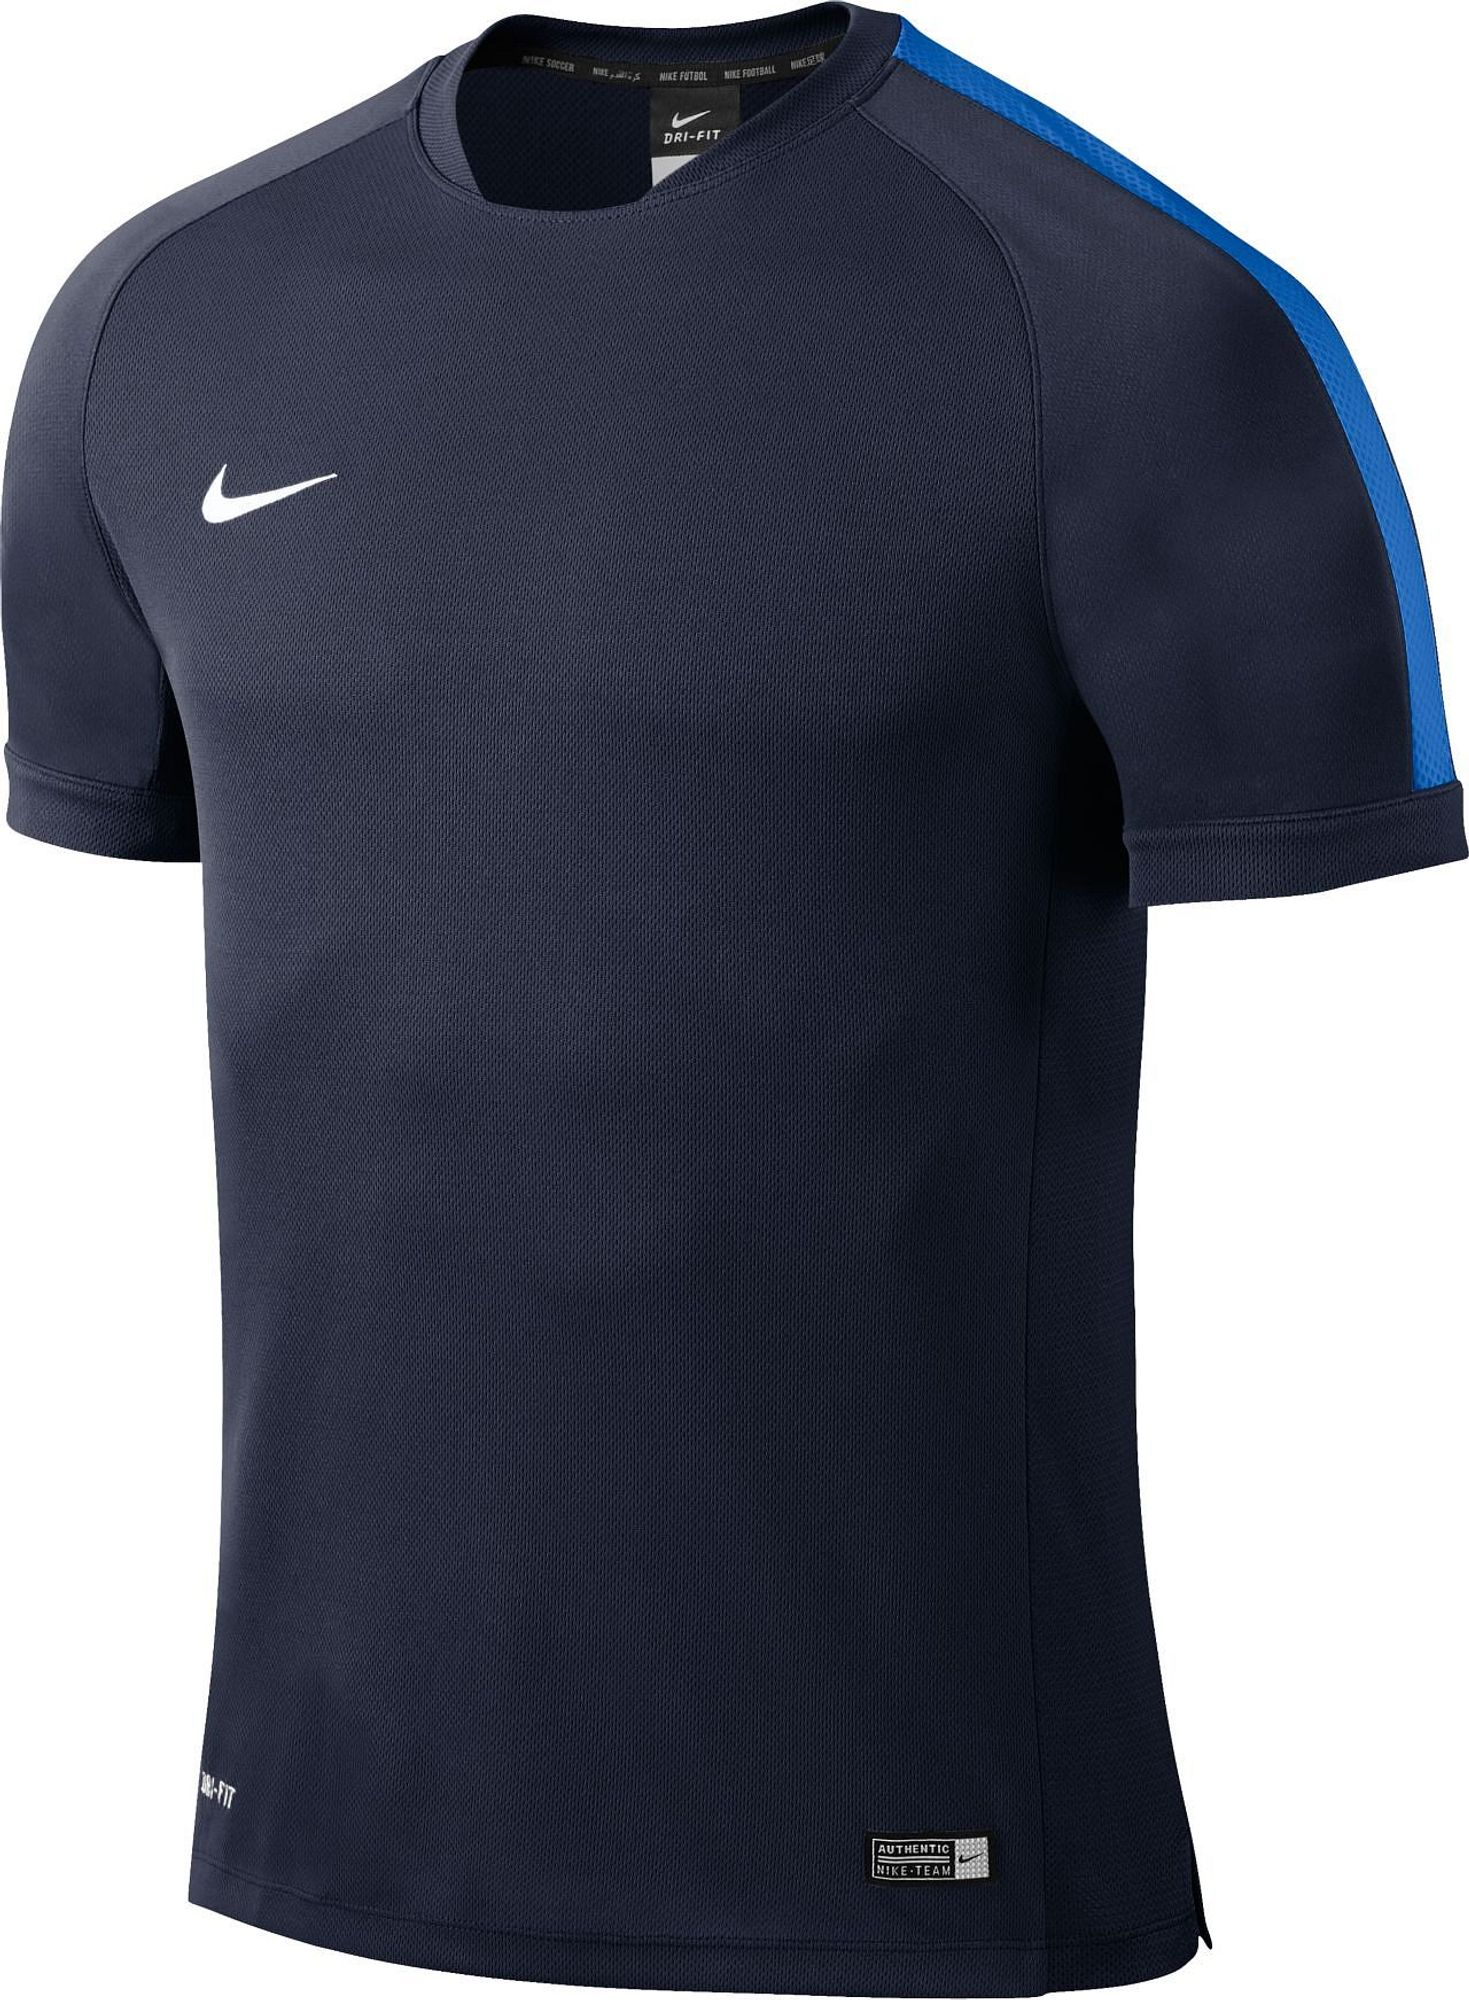 Nike Yth Squad15 Flash Ss Trng Top - obsidian/royal blue/white